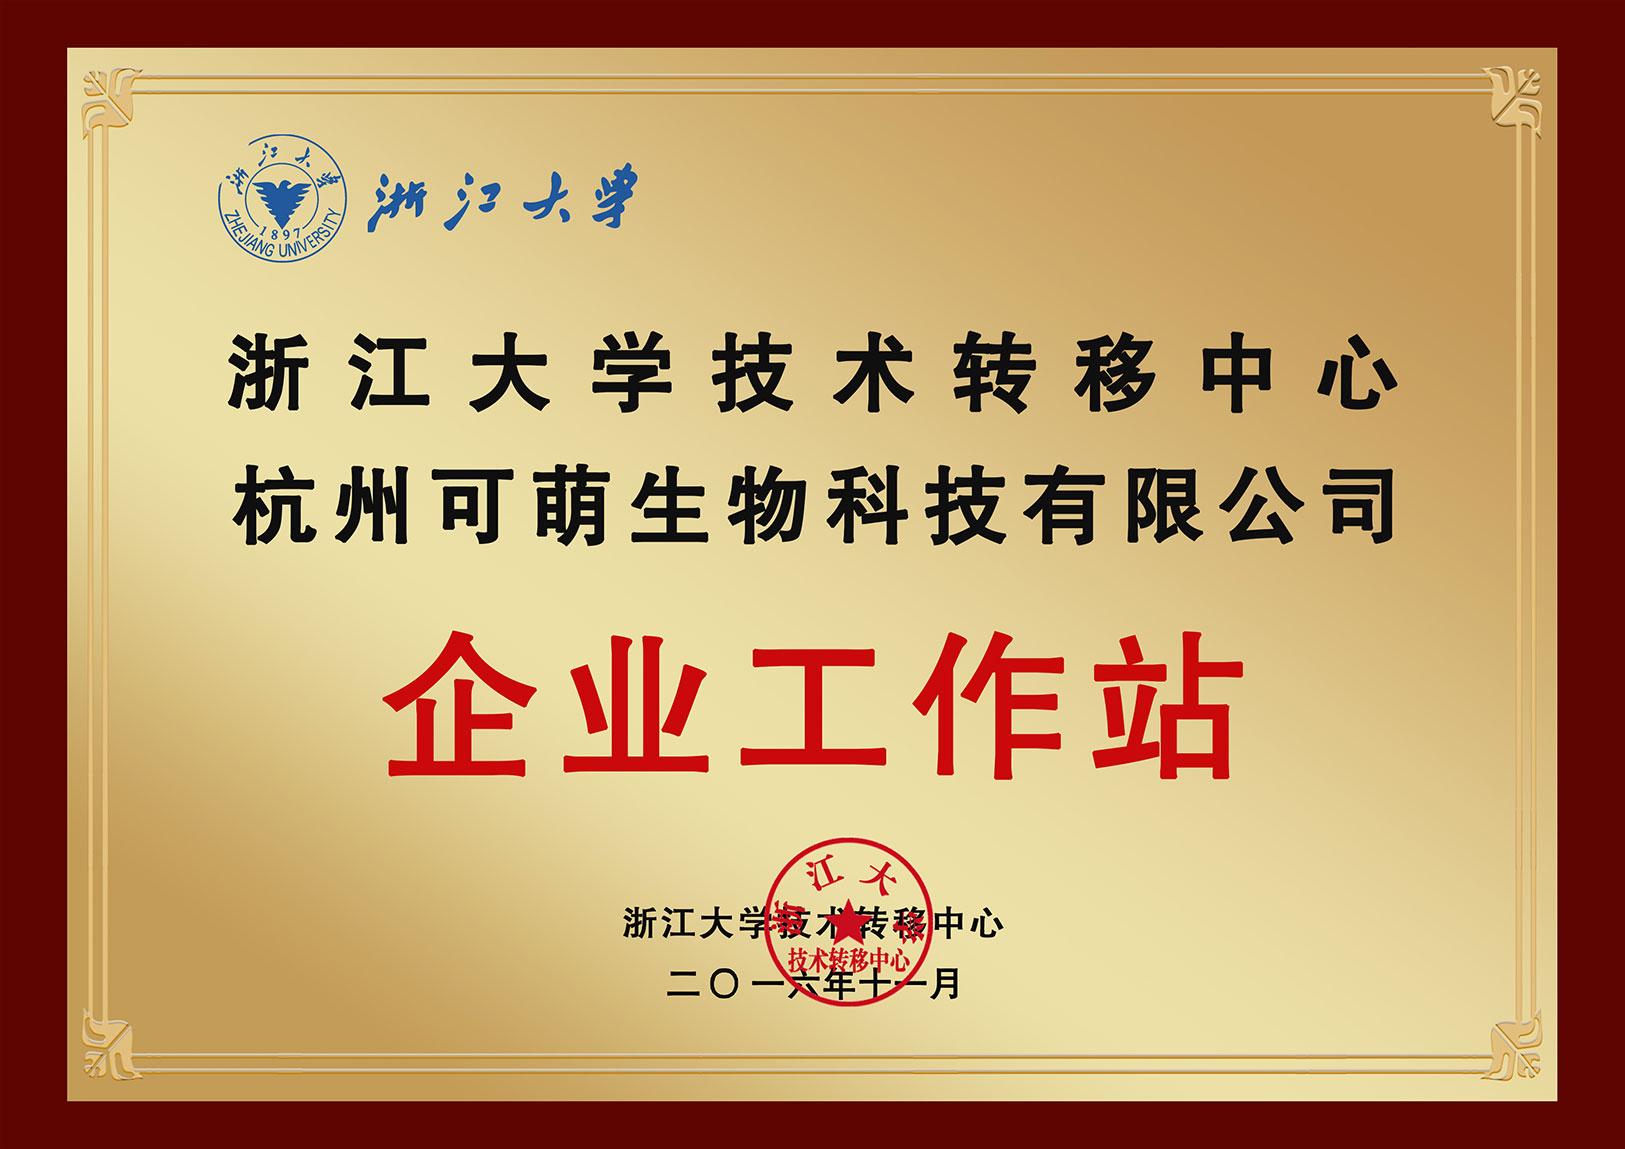 宁波DHA营养品 信息推荐「可萌生物科技(杭州)供应」